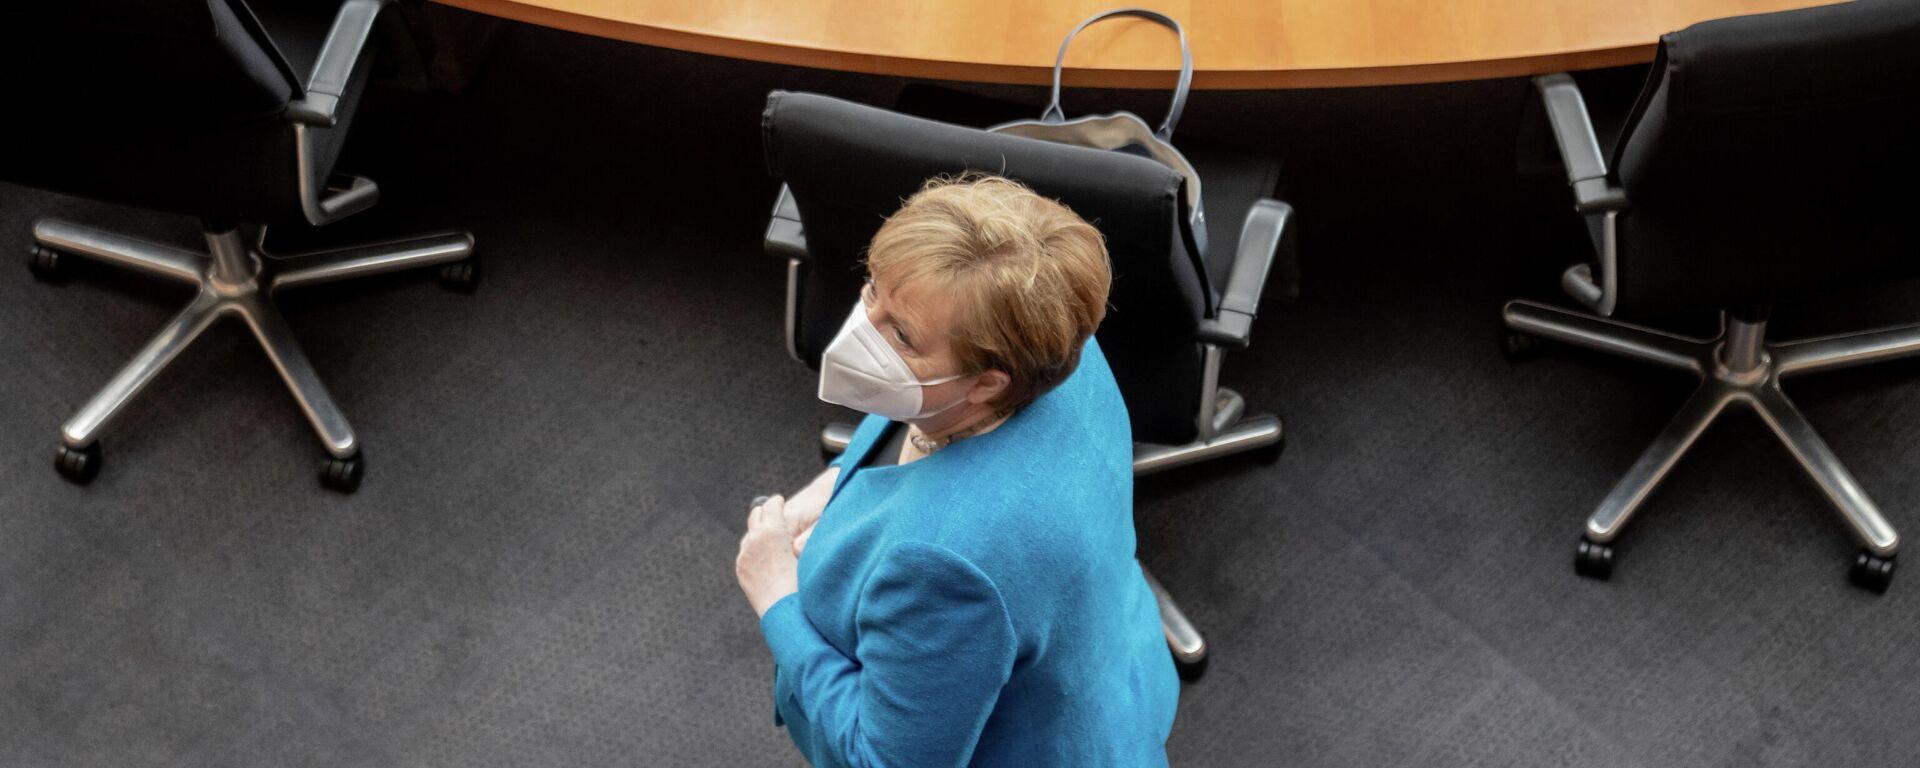 Angela Merkel bei der Zeugenvernehmung des Wirecard-Untersuchungsausschusses des Bundestages, 23. April 2021 - SNA, 1920, 23.04.2021